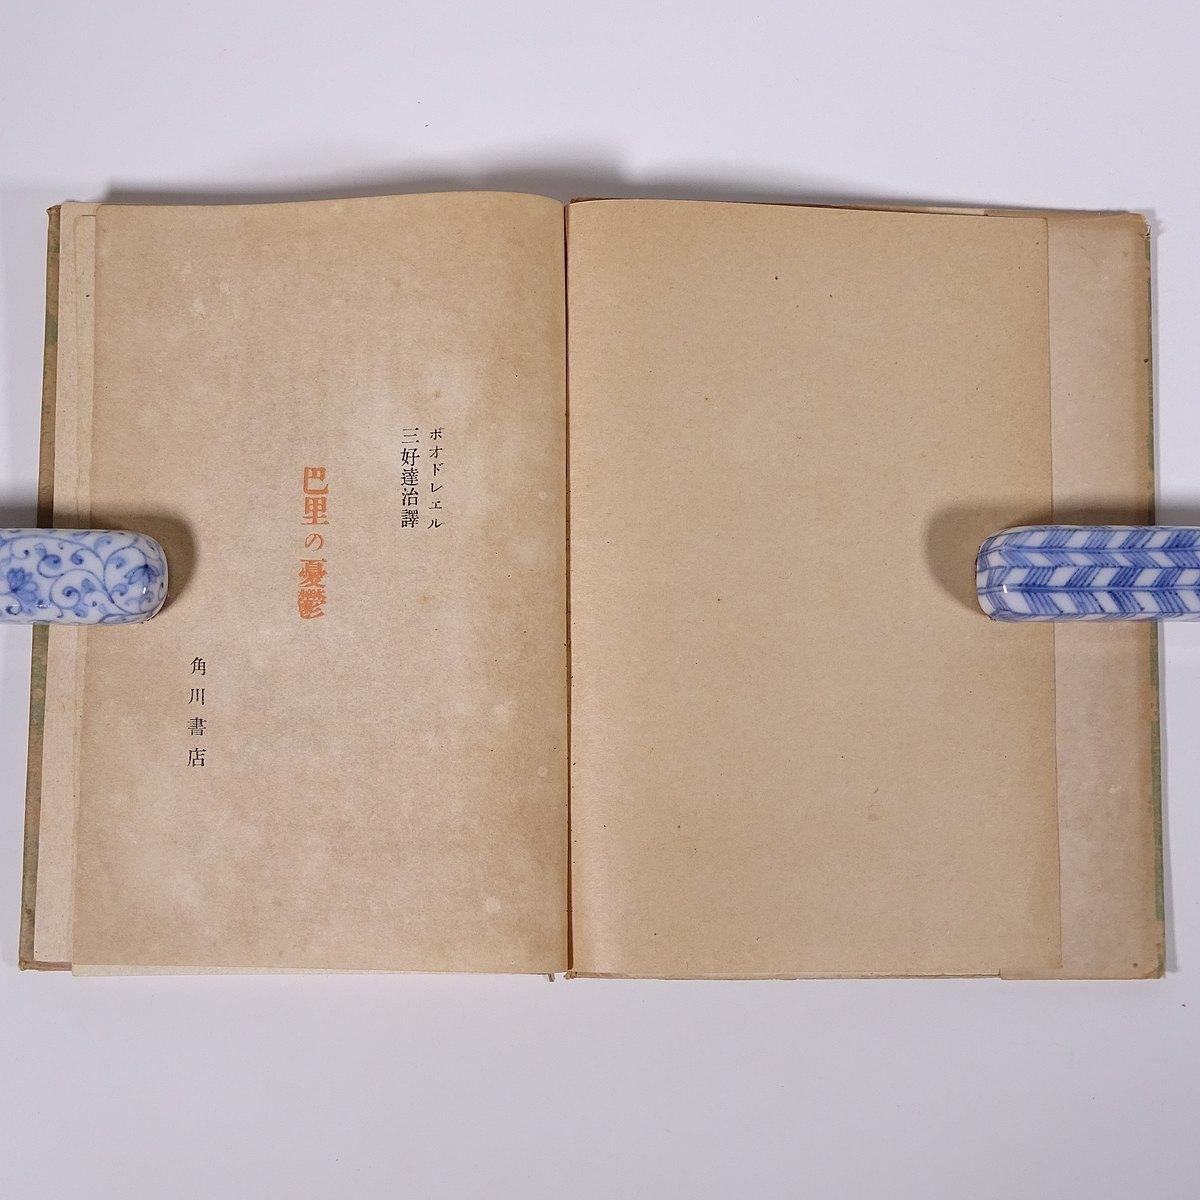 巴里の憂鬱 ボオドレエル著 三好達治訳 飛鳥新書 角川書店 昭和二二年 1947 古書 単行本 文学 文芸 随筆 随想 パリの憂鬱 ボードレール_画像5